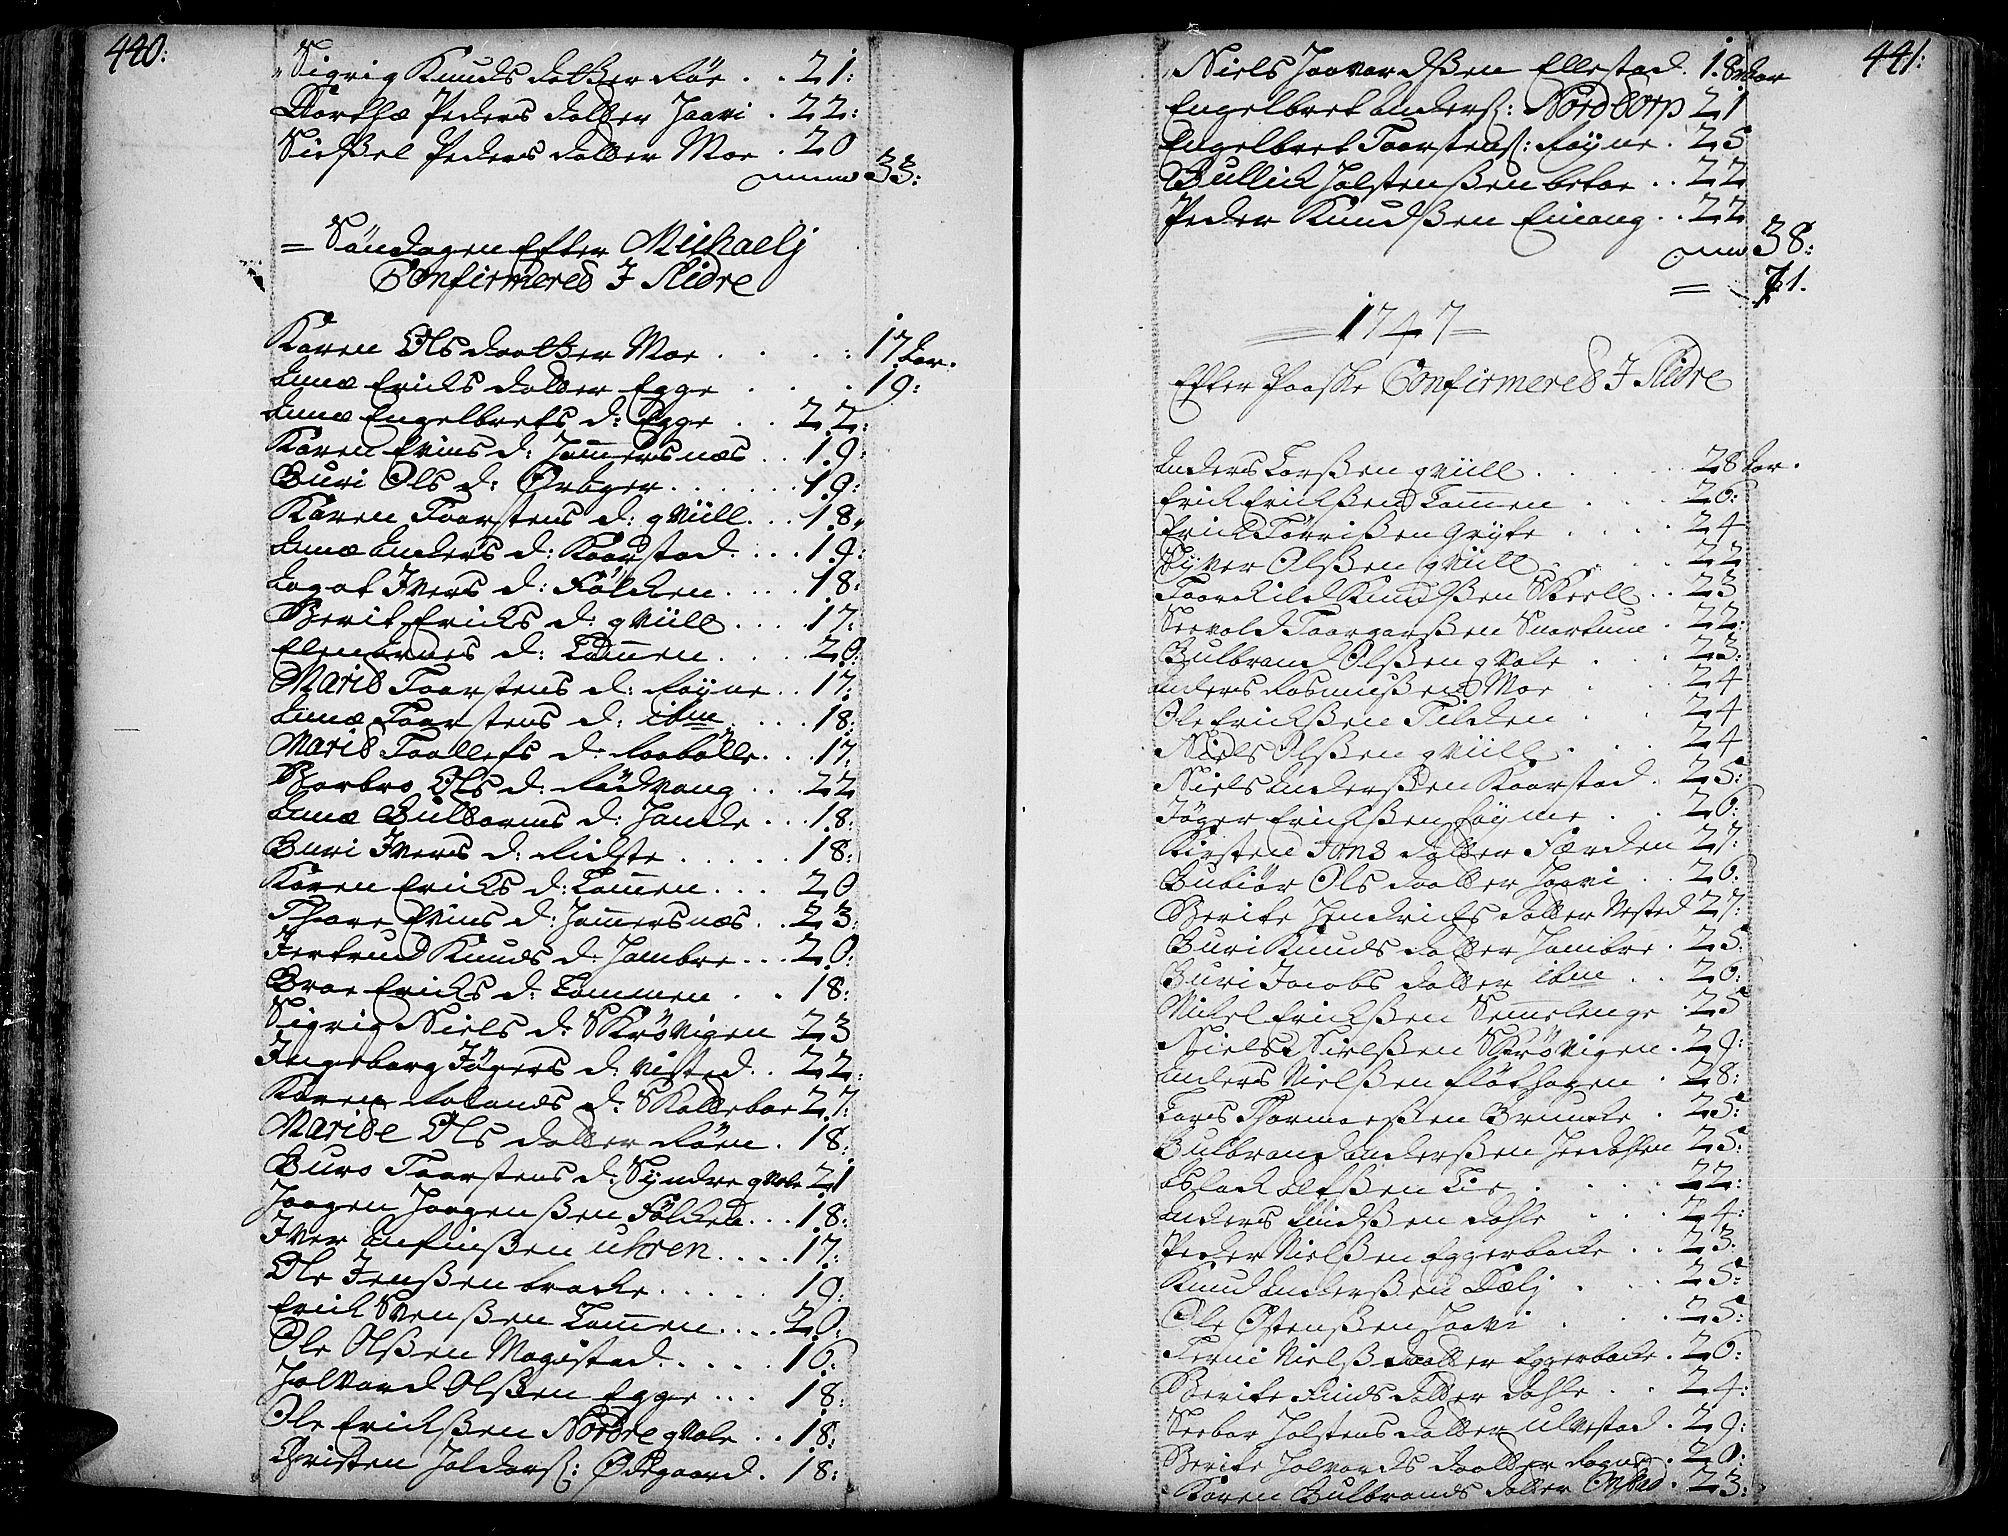 SAH, Slidre prestekontor, Ministerialbok nr. 1, 1724-1814, s. 440-441